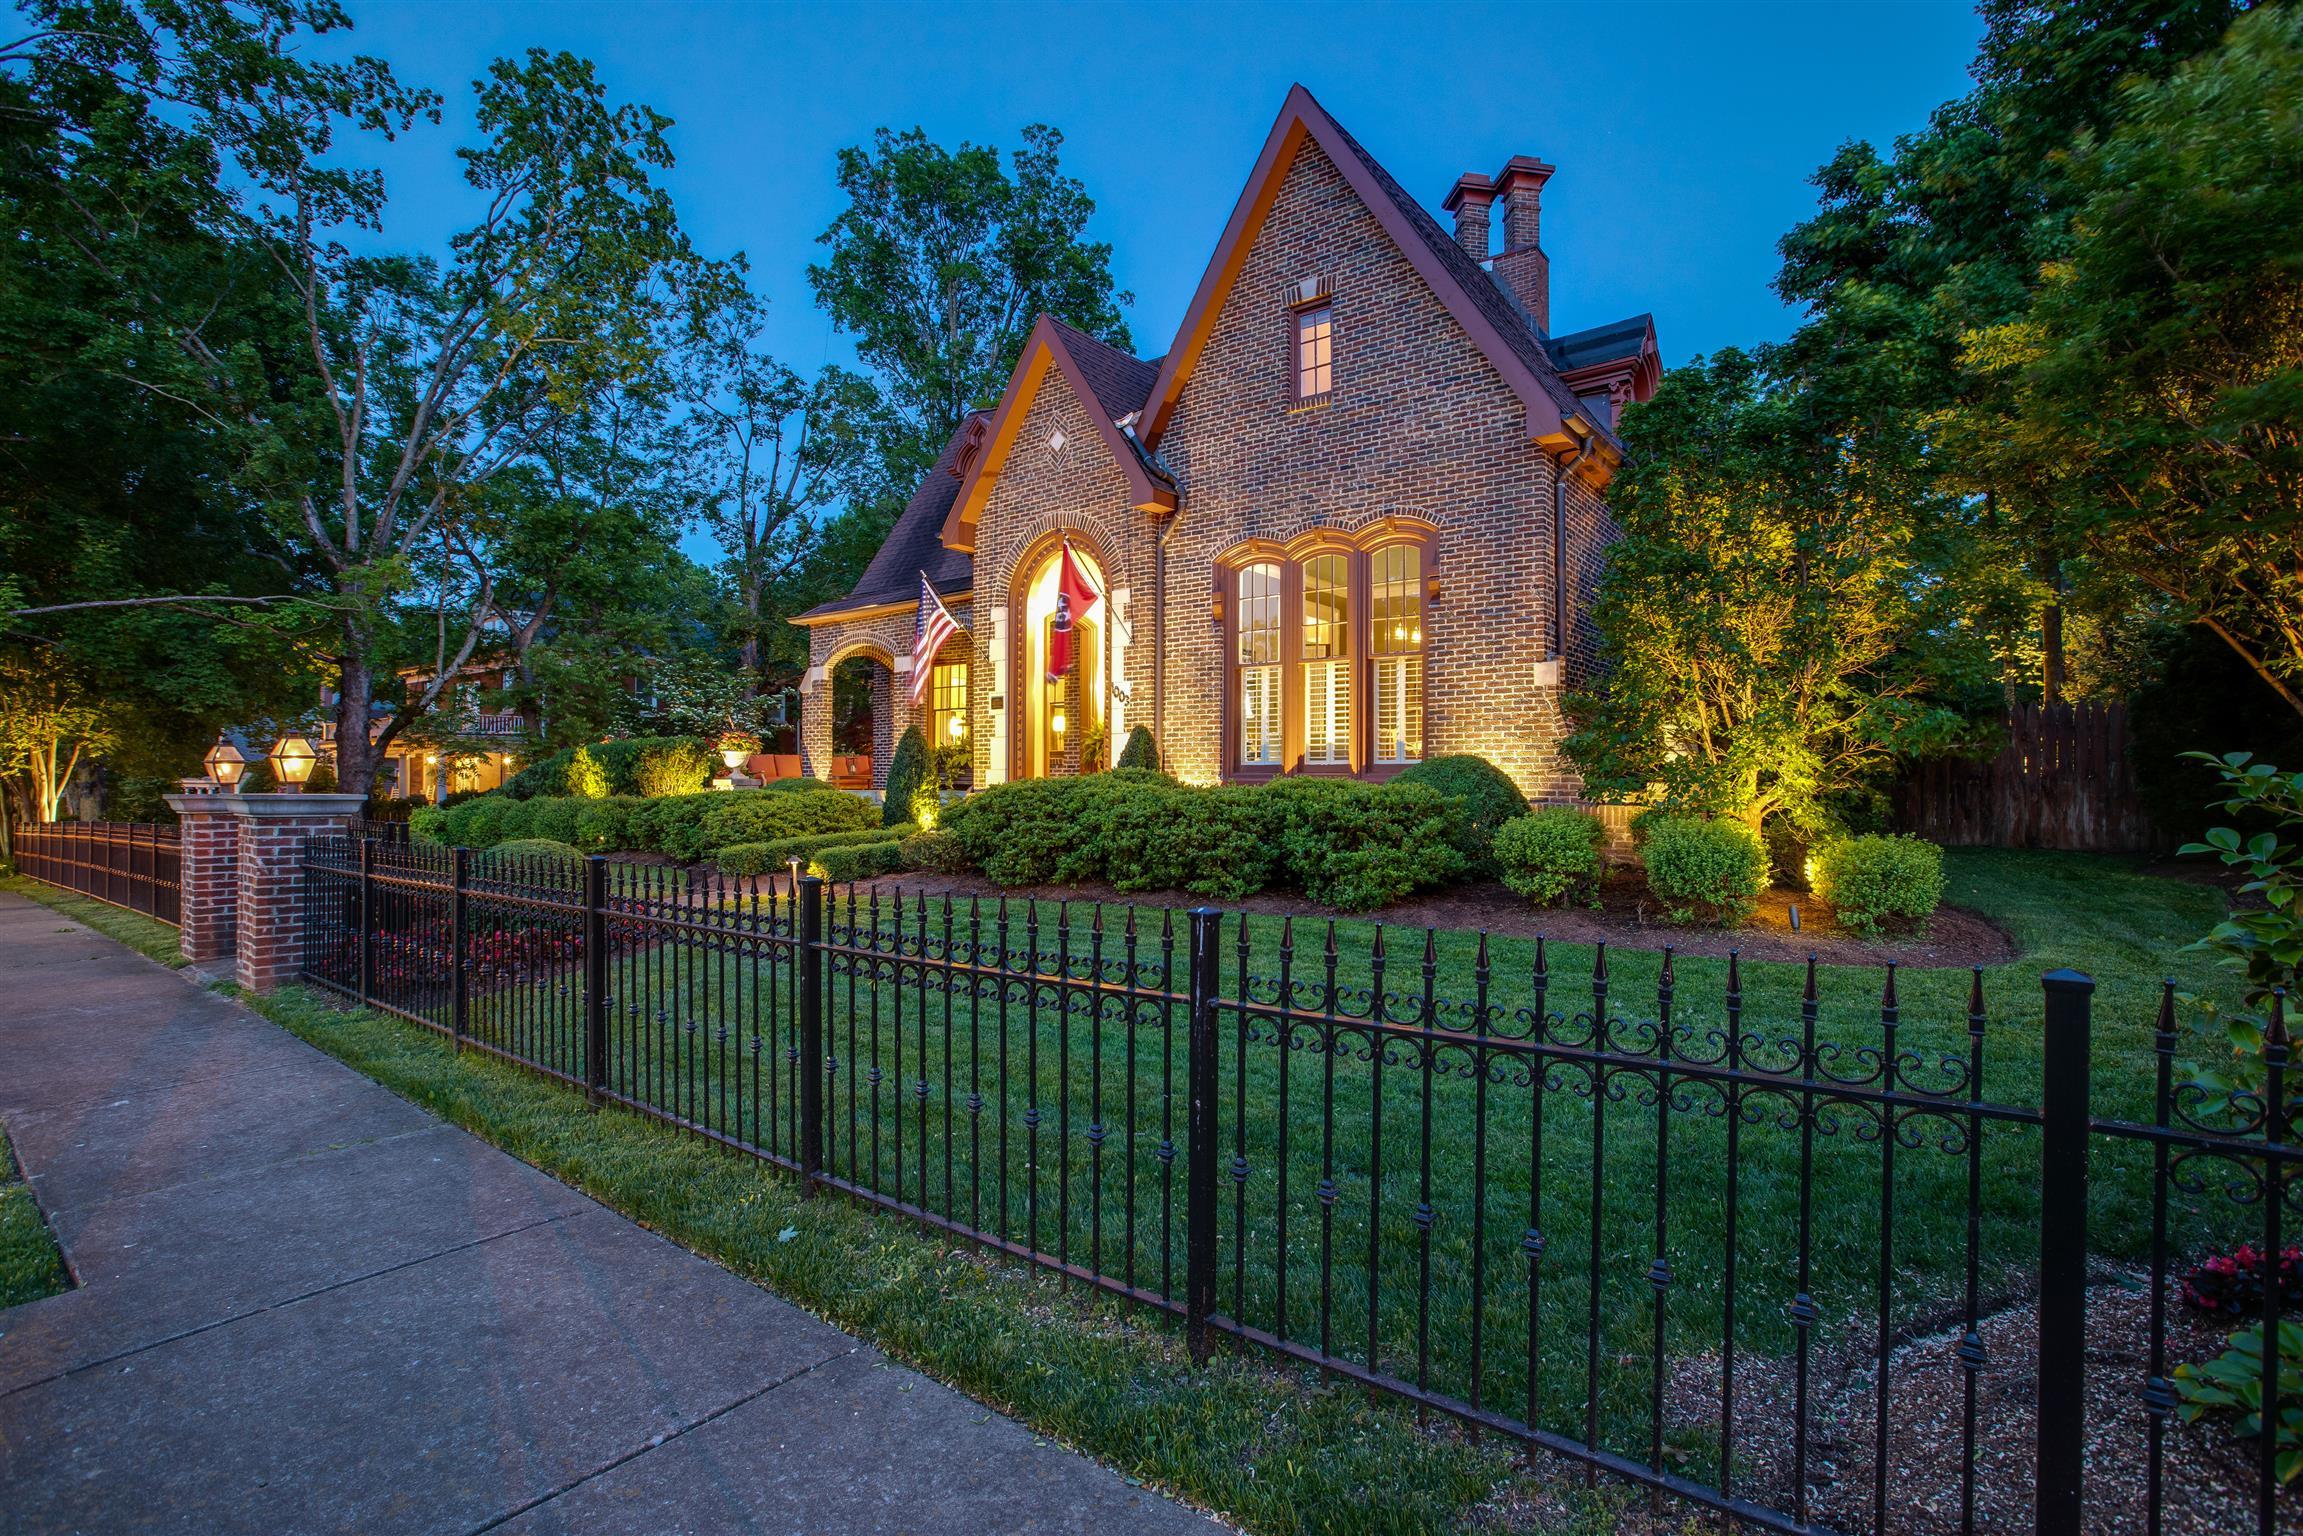 1003 W Main St, Franklin, TN 37064 - Franklin, TN real estate listing